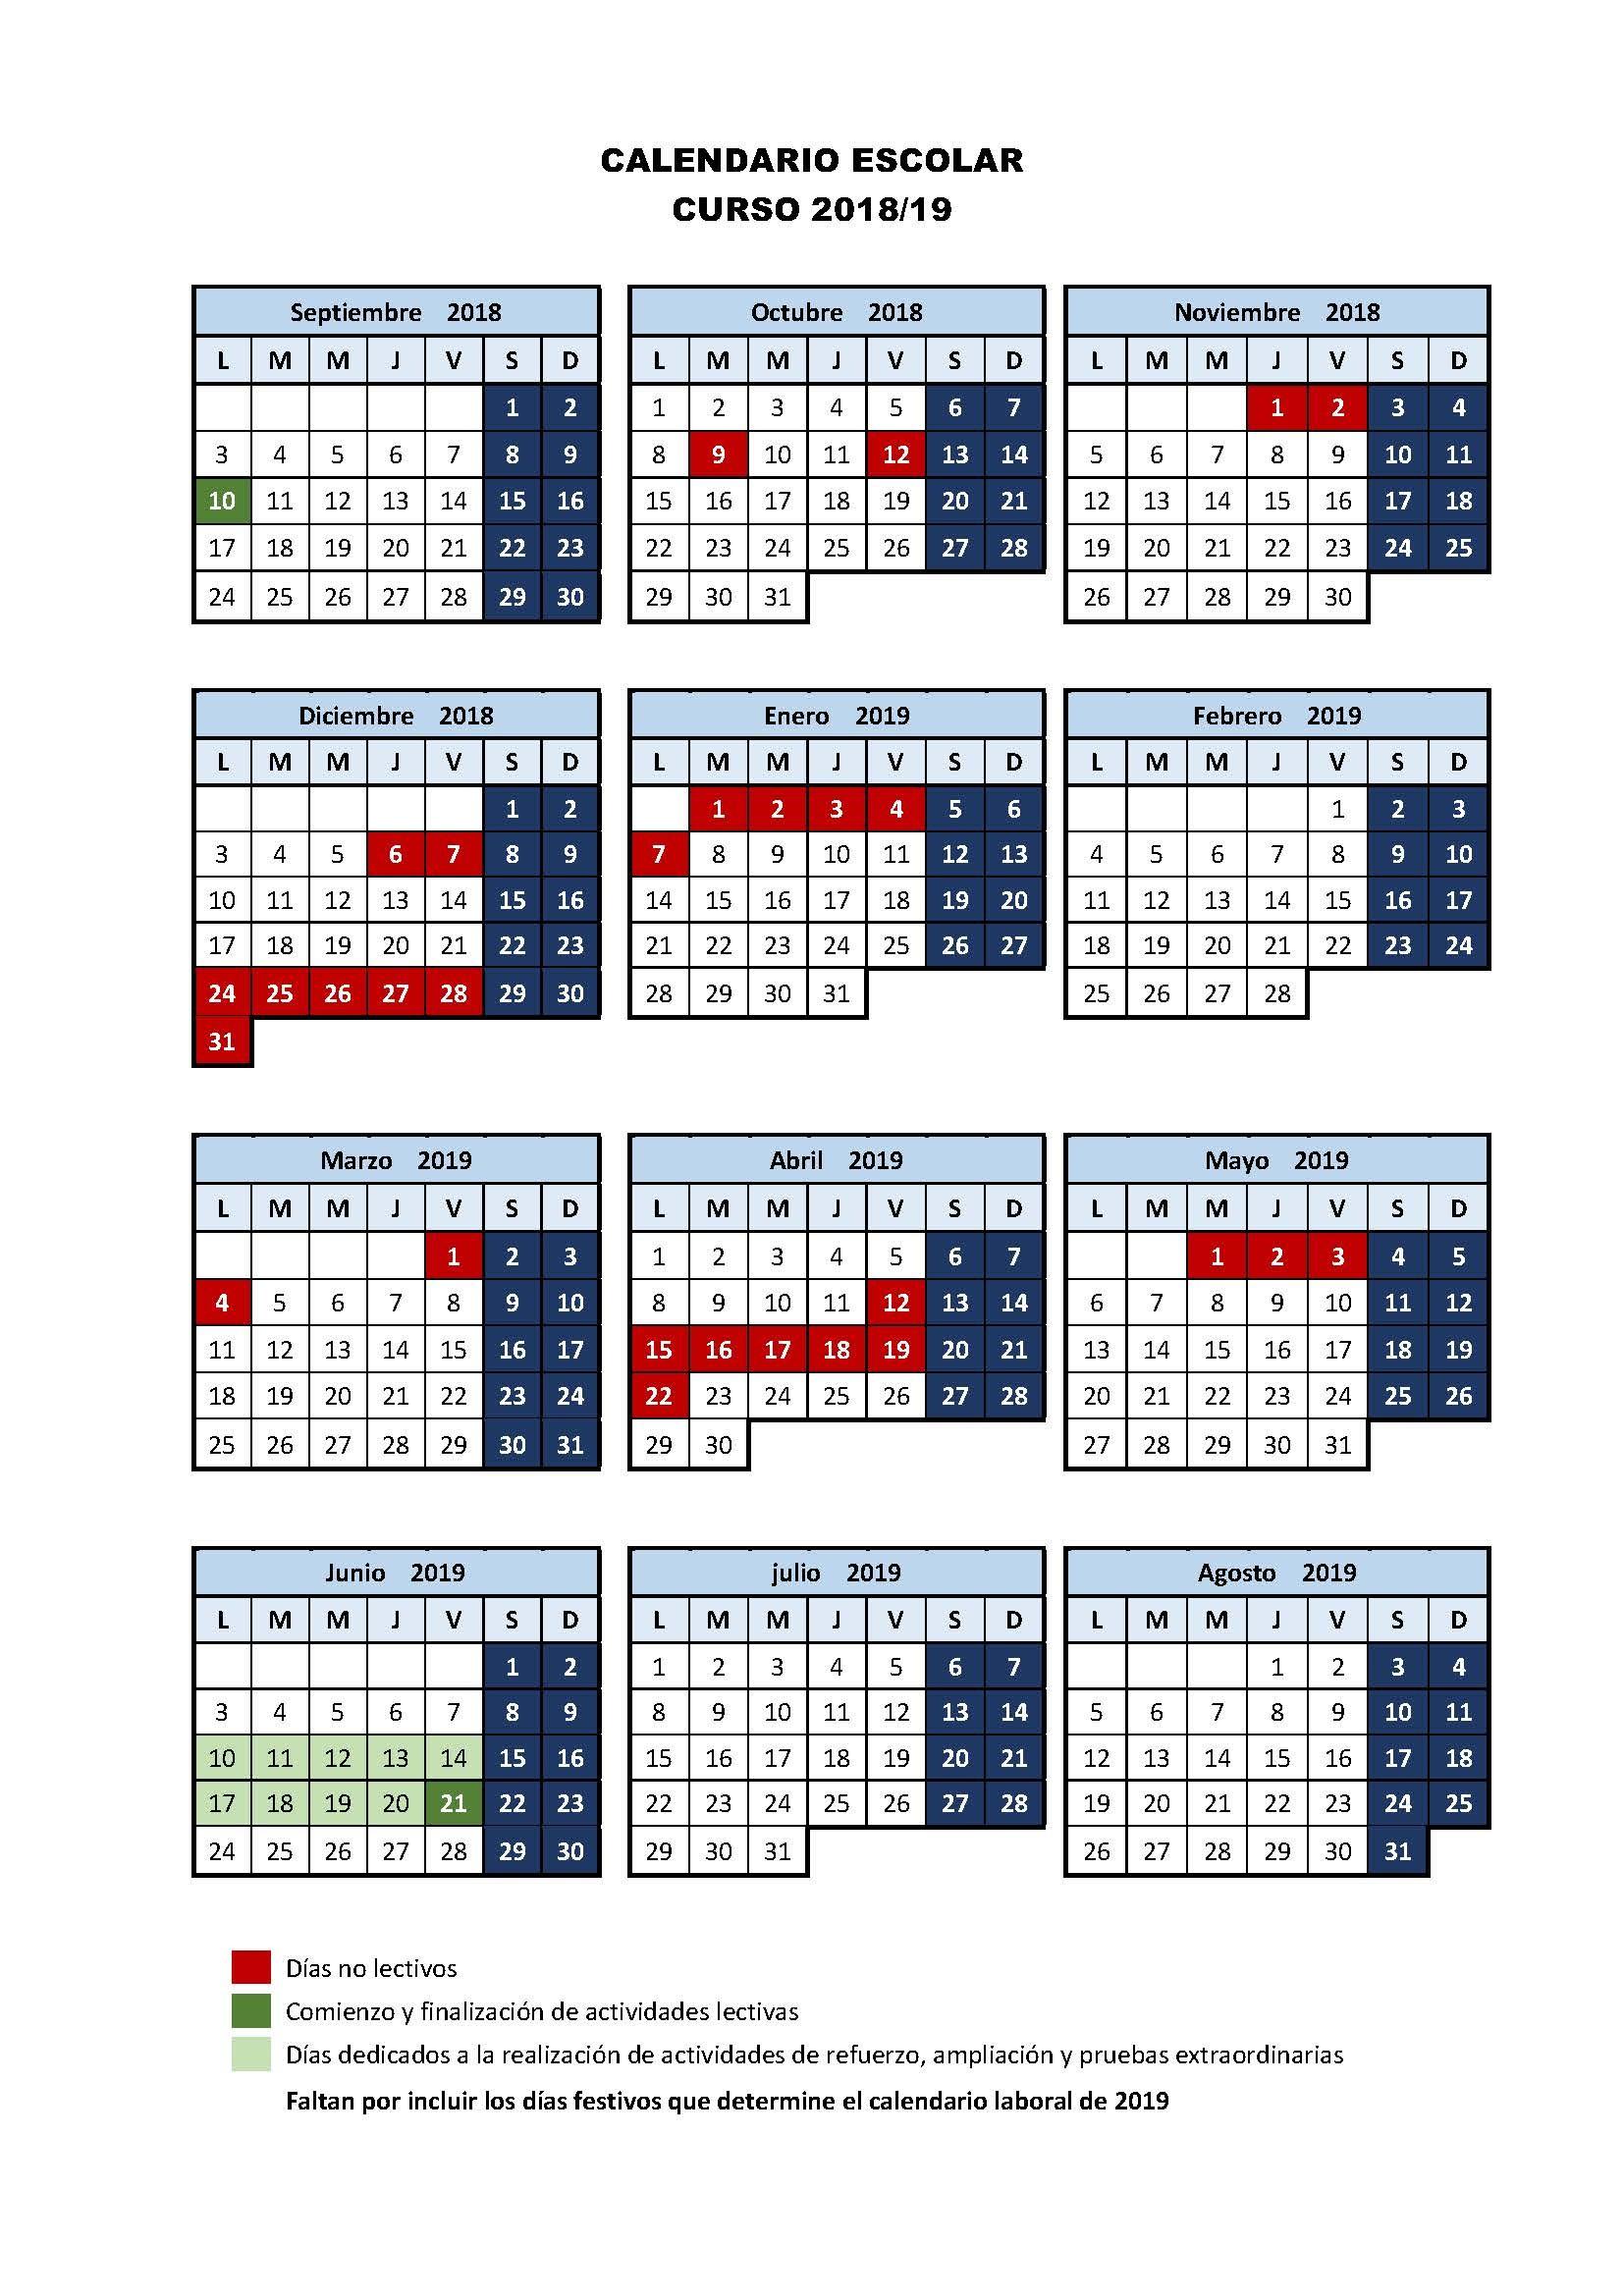 Calendario Wscolar 2019 Más Reciente Calendario Escolar Of Calendario Wscolar 2019 Más Recientes Calendario Académico 2018 2019 Consmucan